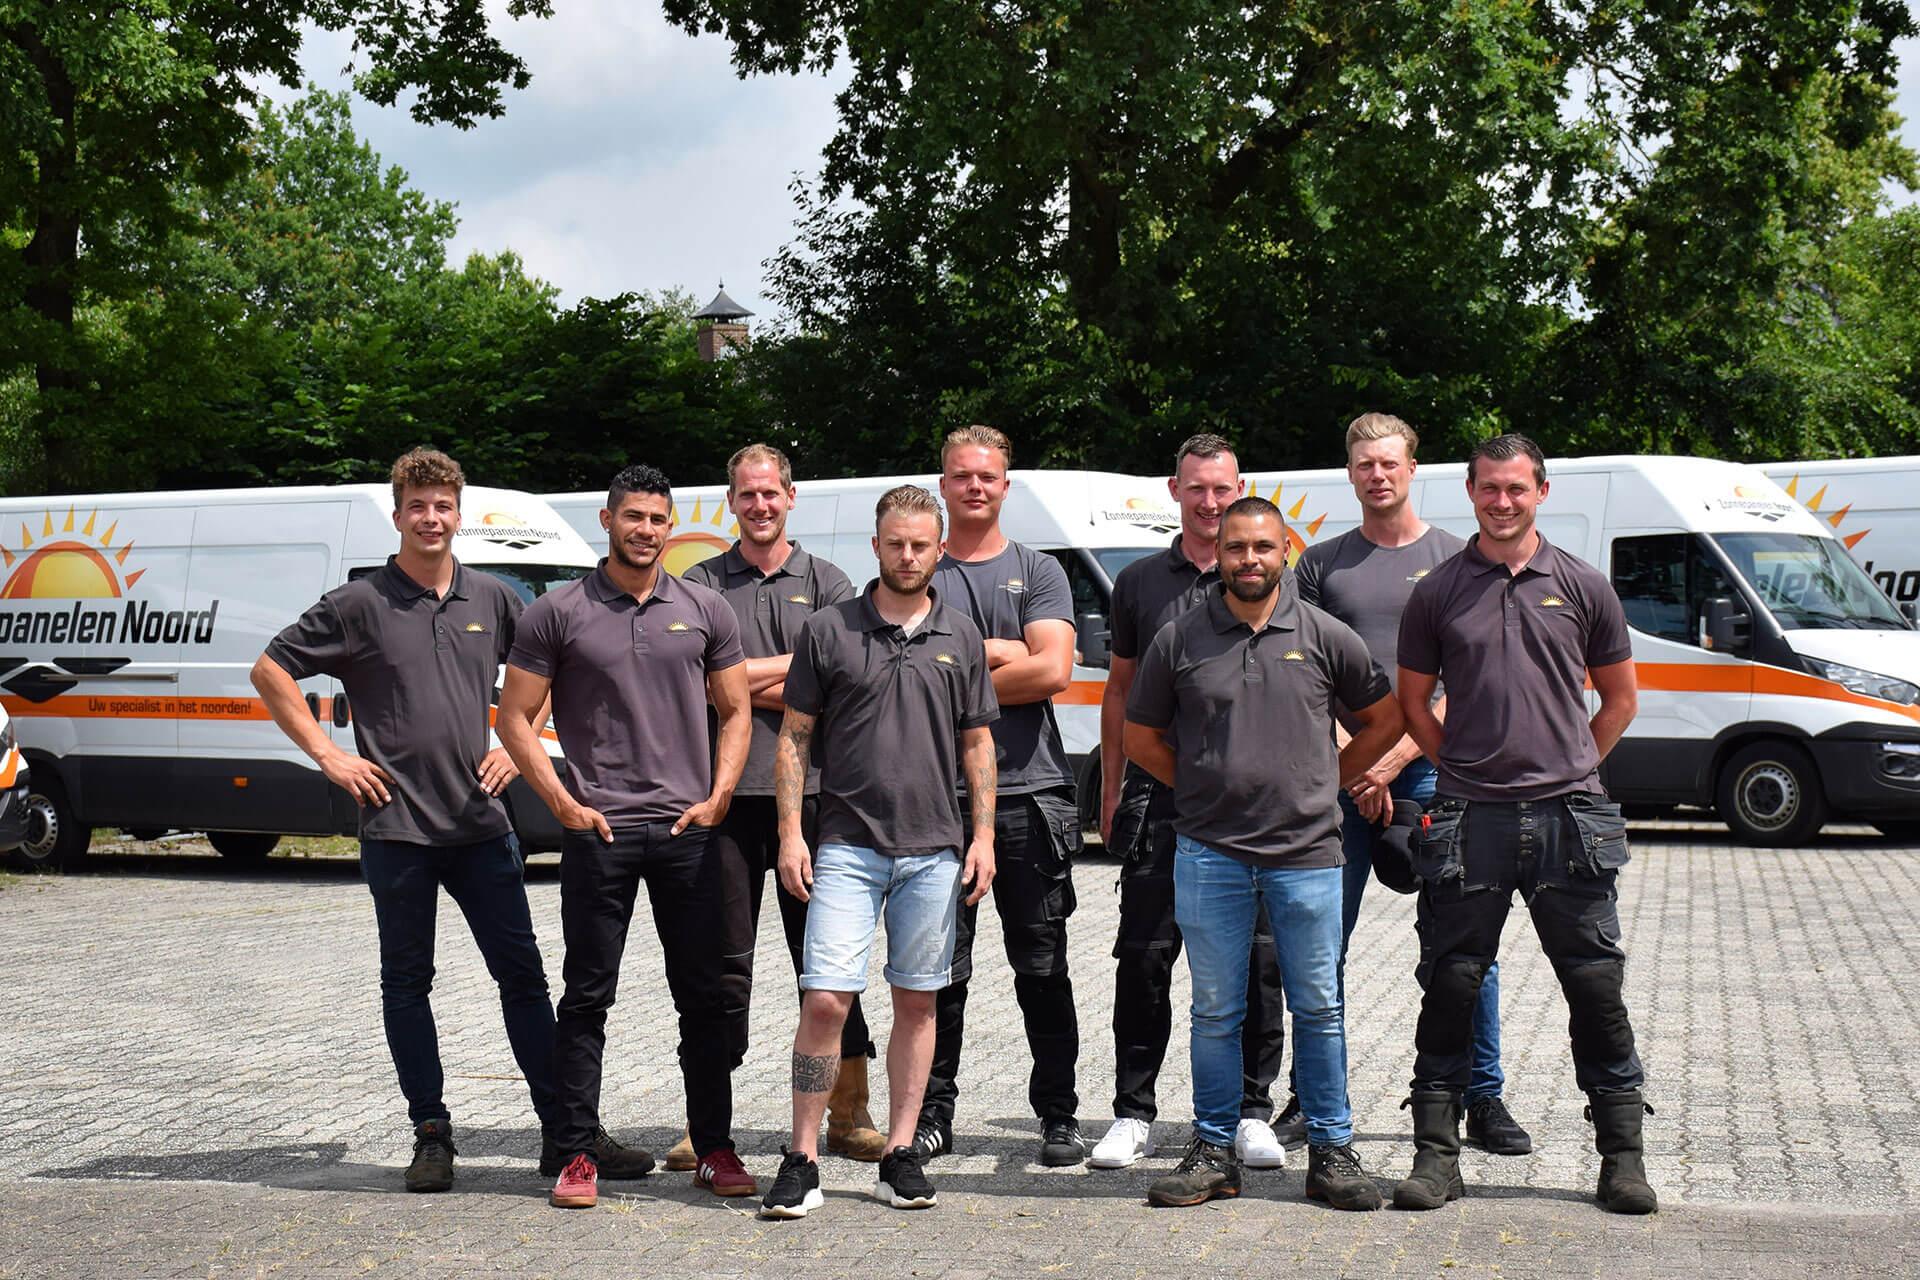 Zonnepanelen Noord team van monteurs